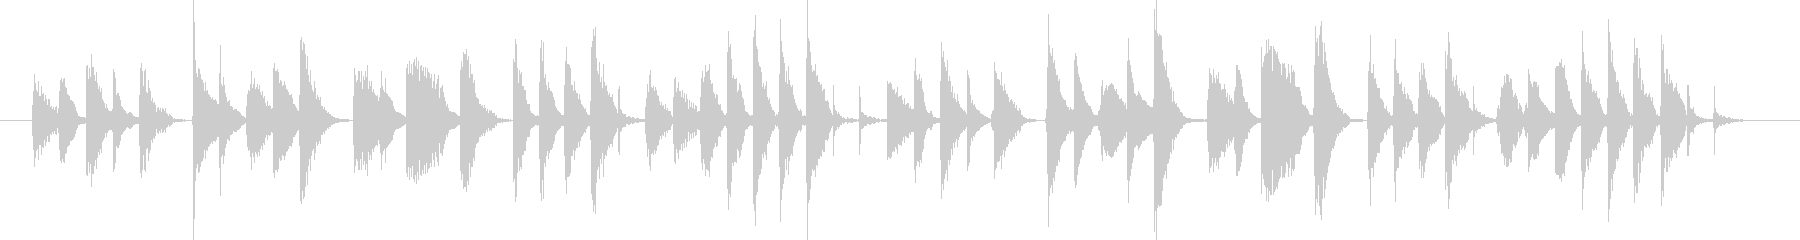 軽快する音楽BGMの未再生の波形